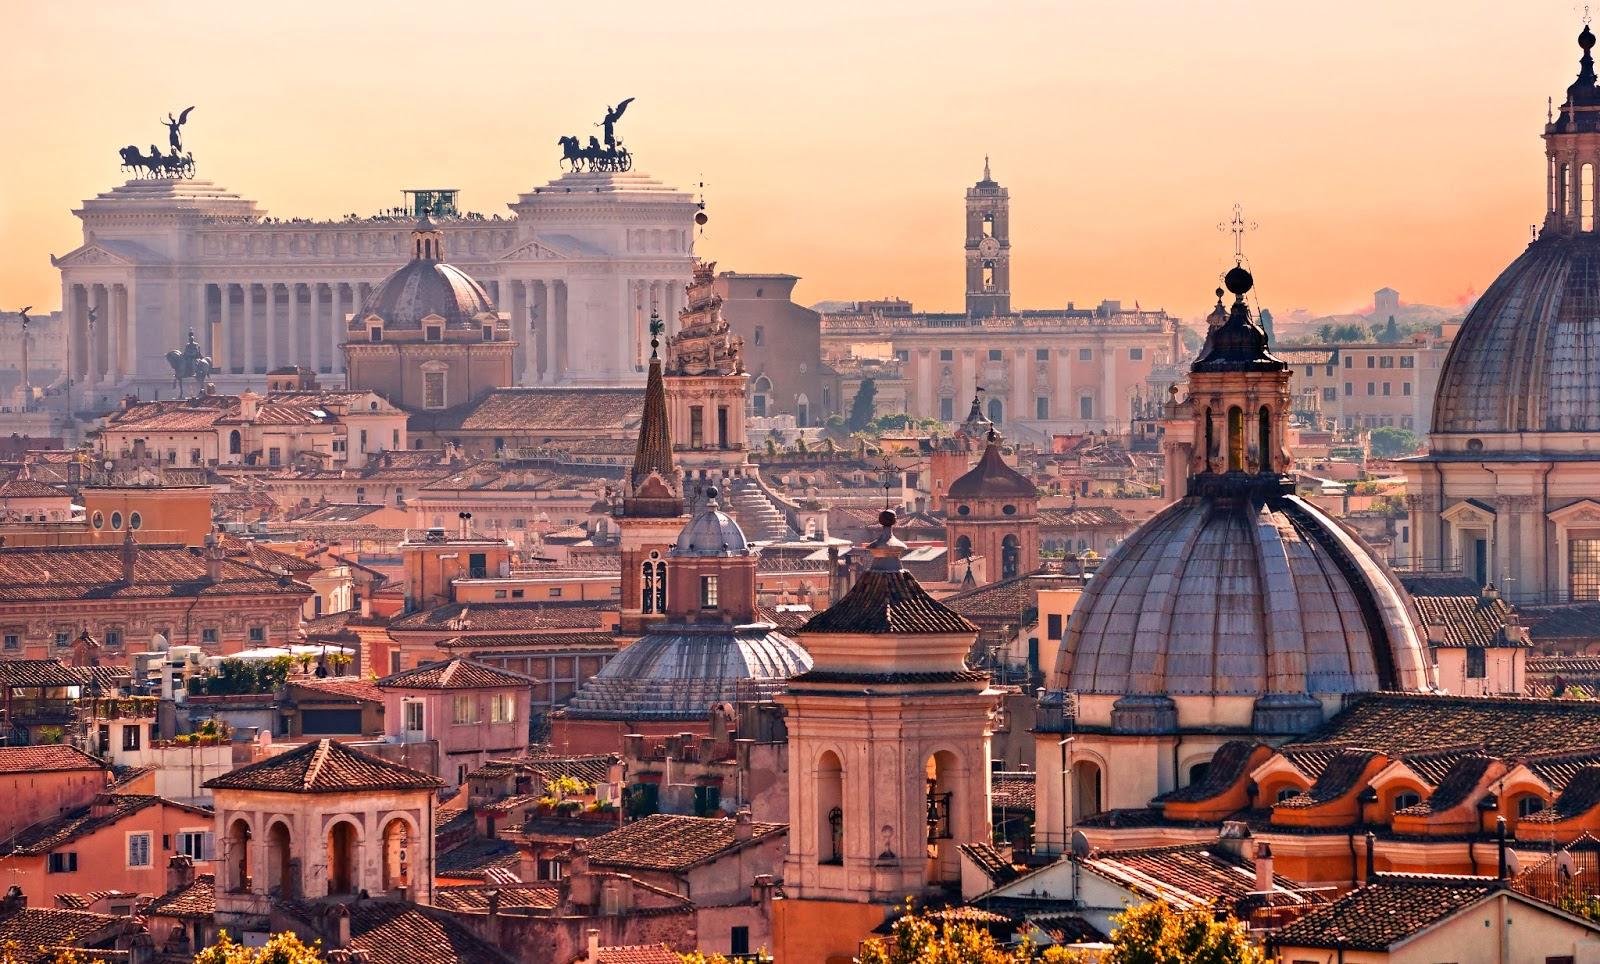 экскурсии из римини в рим на 2 дня этом форма